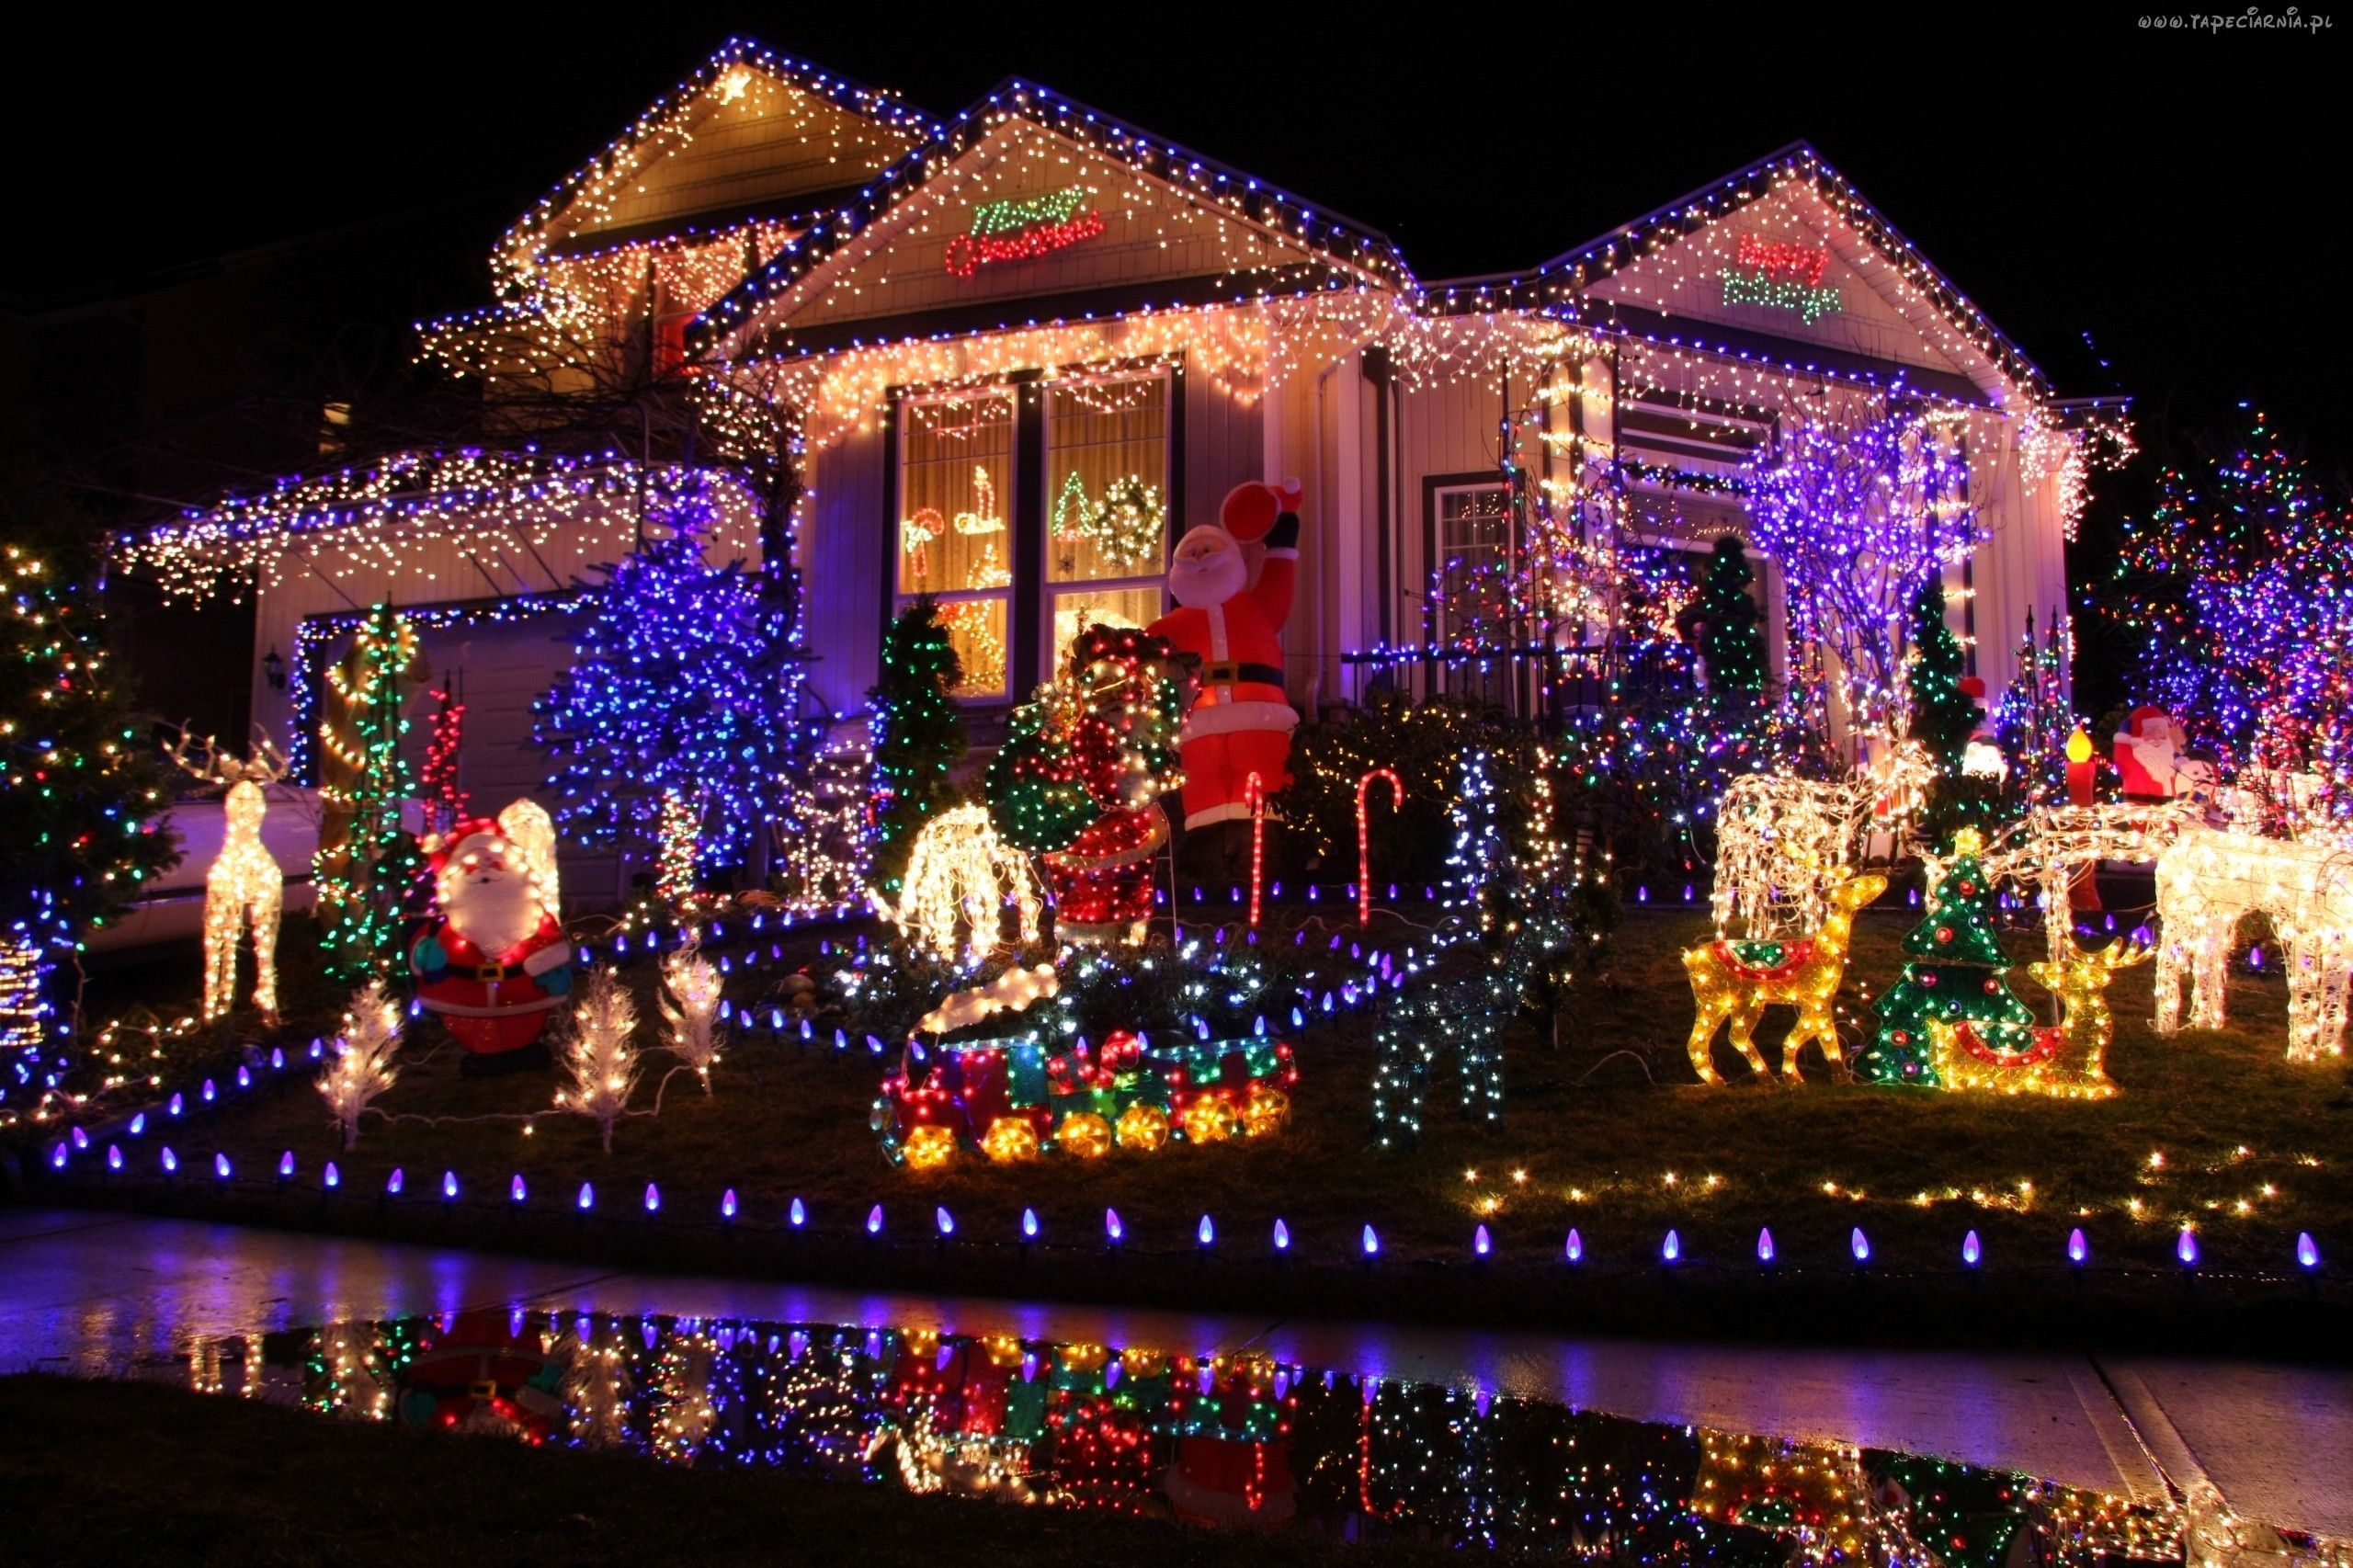 święta Bożego Narodzenia Dom światła Tapeciarniapl